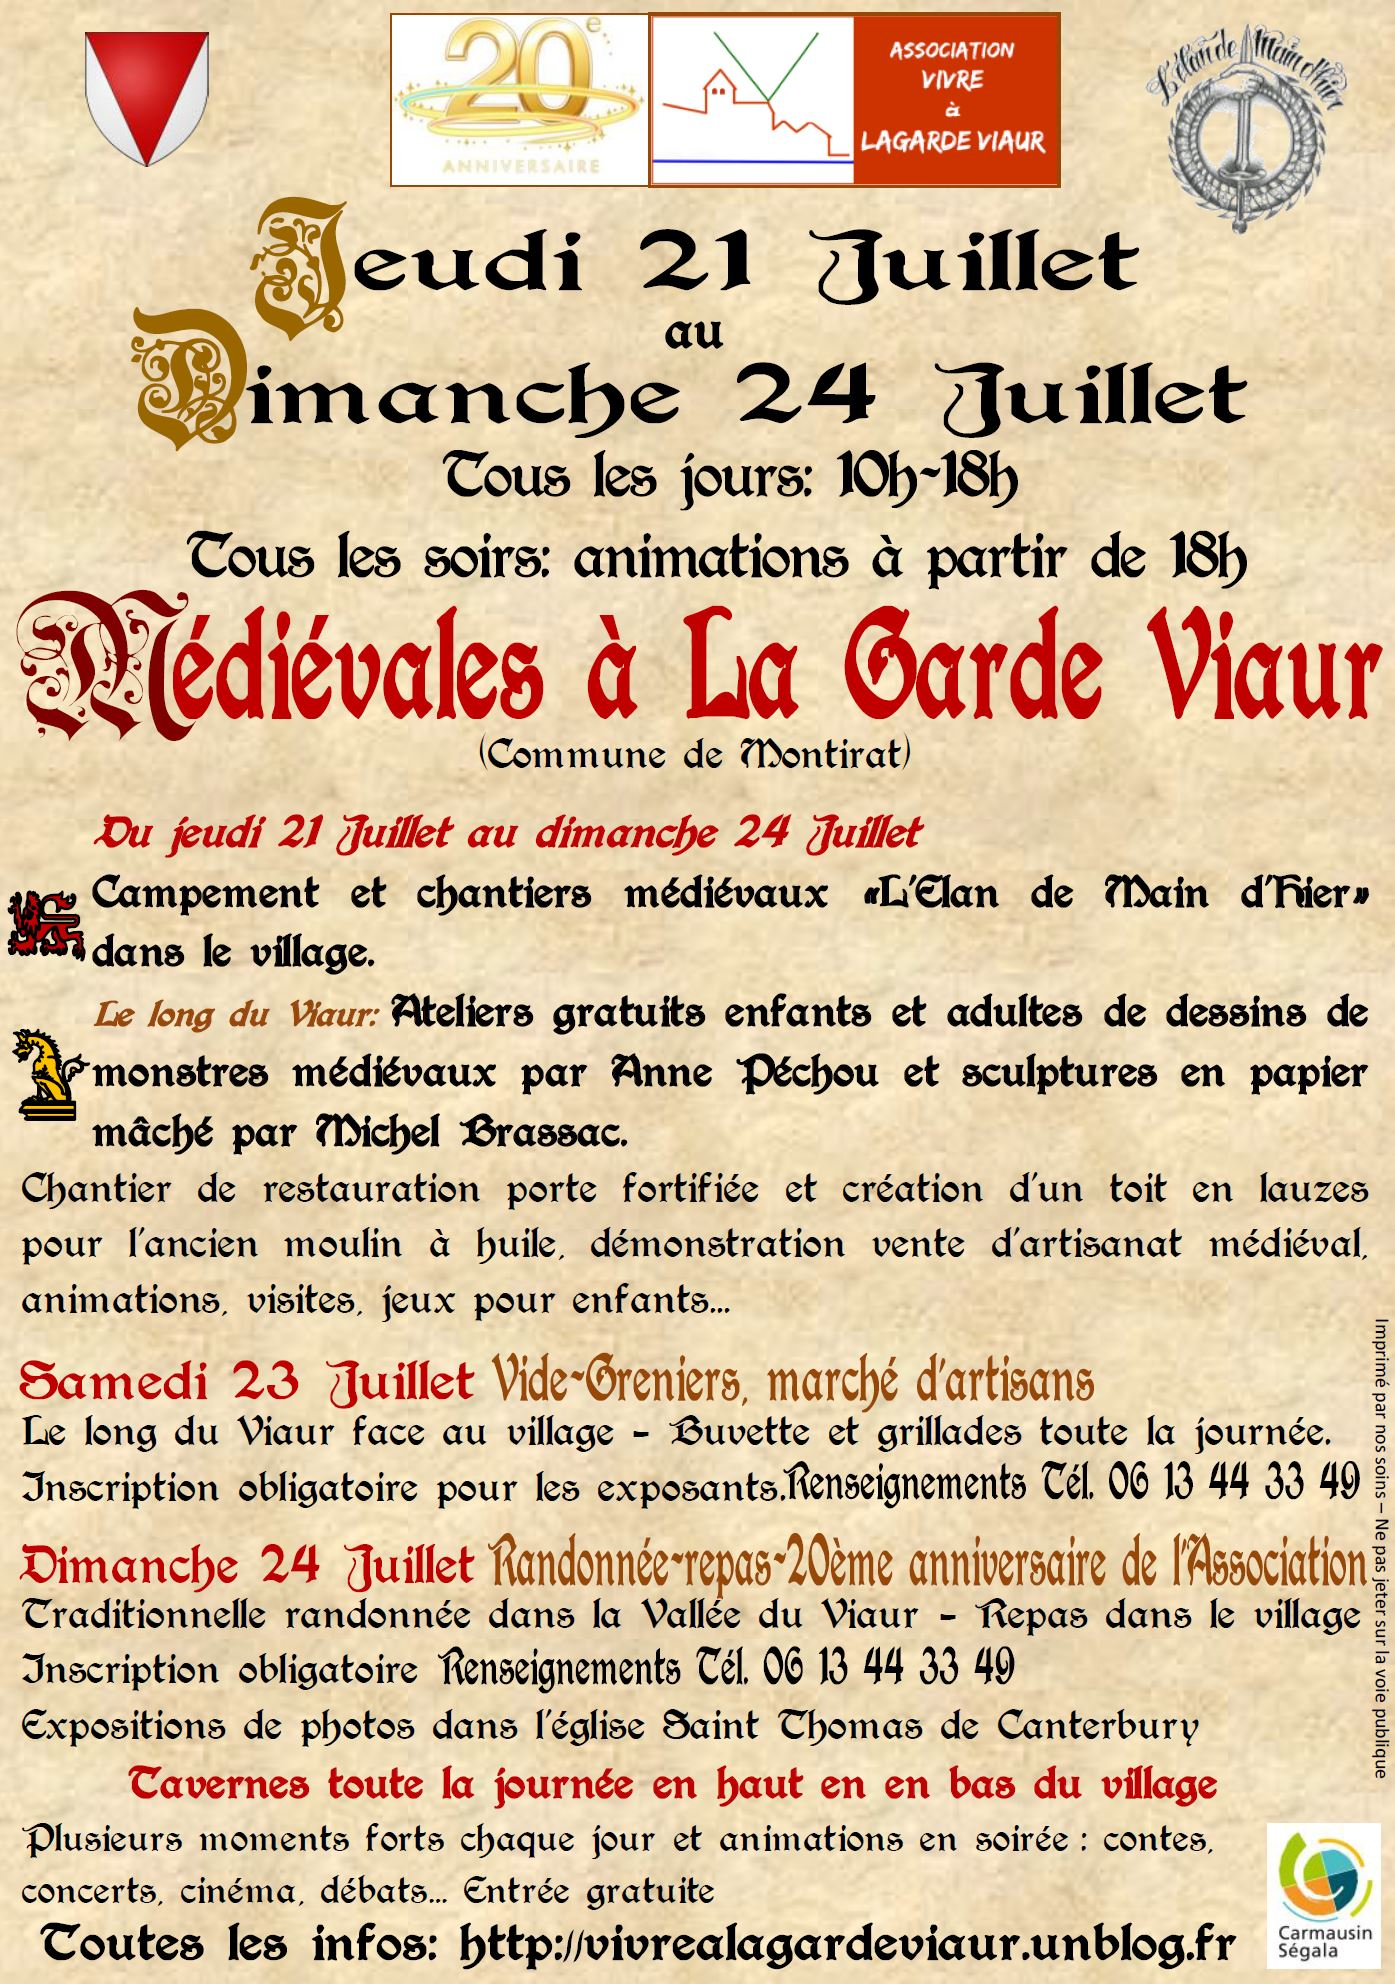 lagarde Viaur Medievales 2016